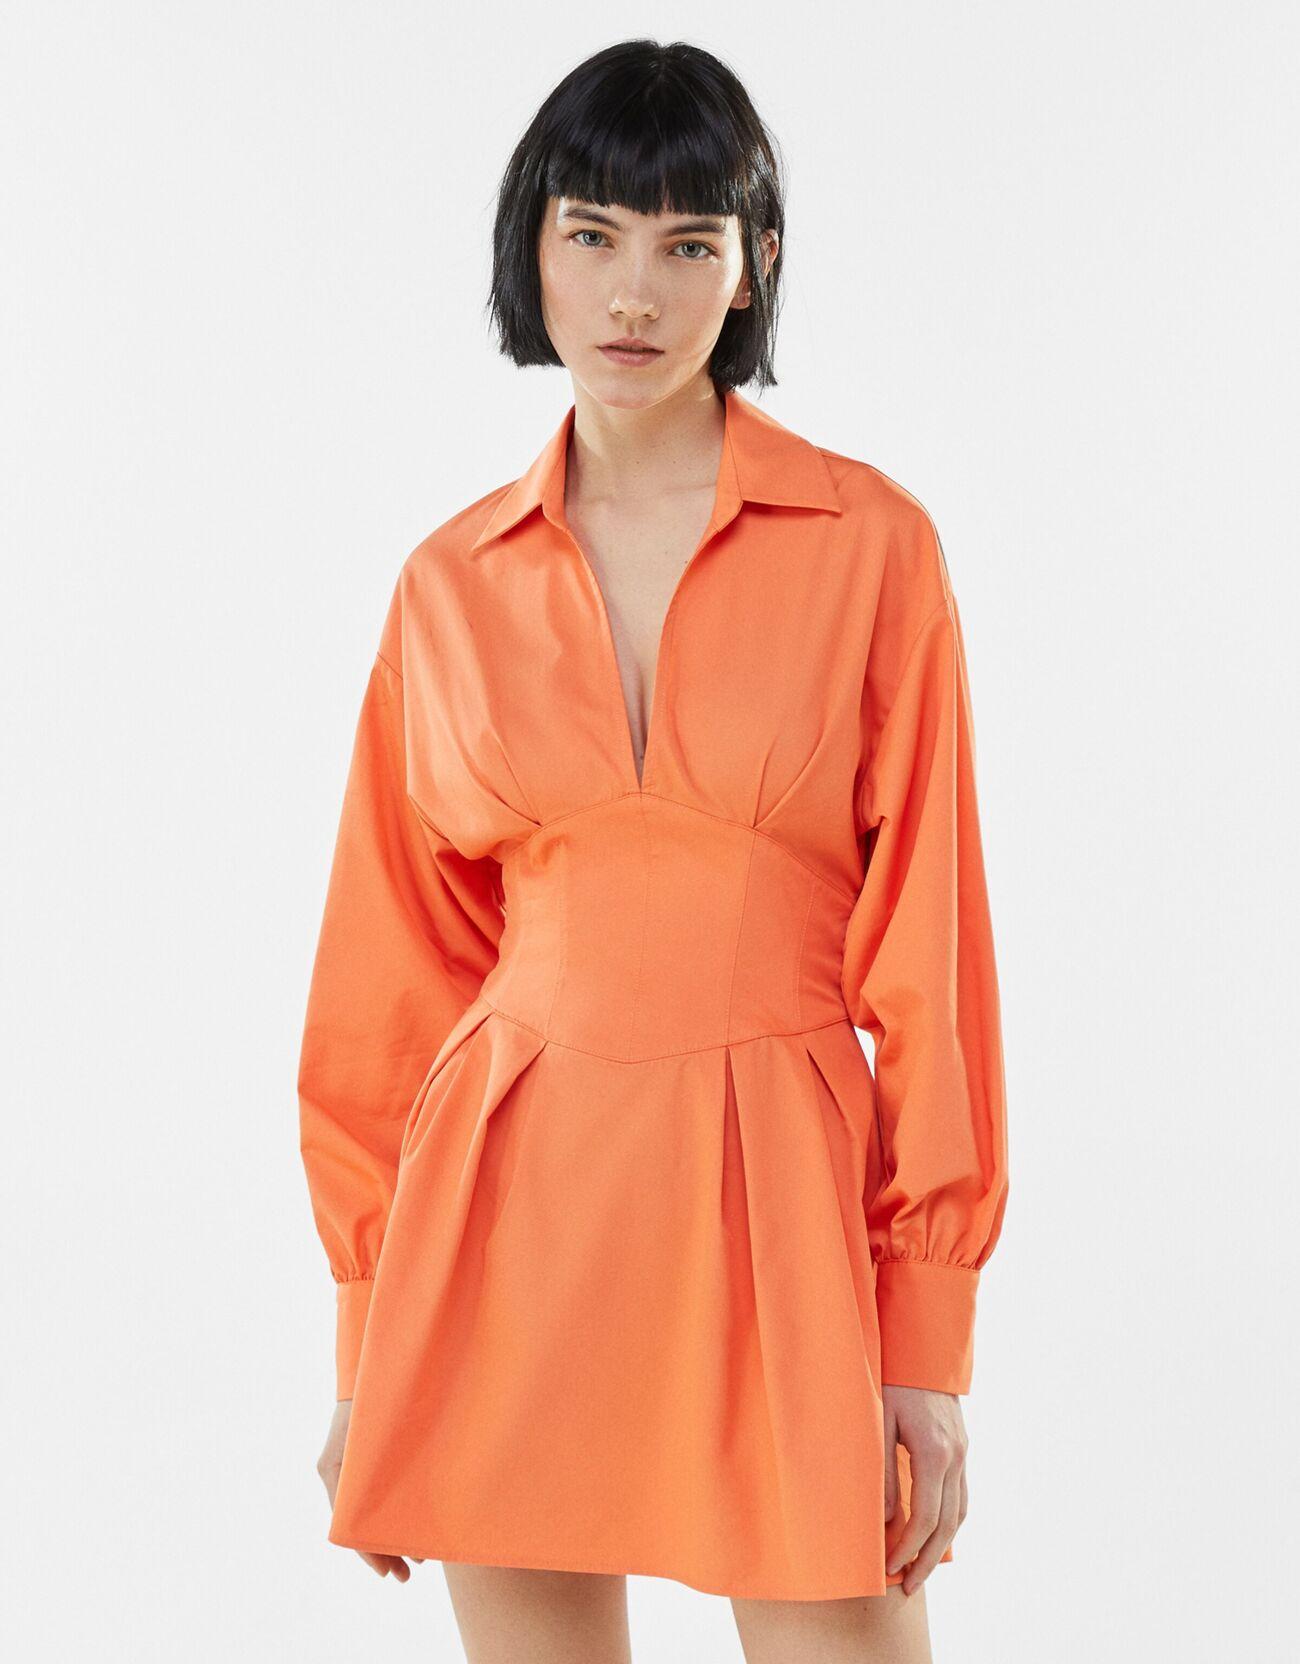 bershka -  Hemdkleid Mit Korsett Und Schleife Am Rücken Damen Xs Orange